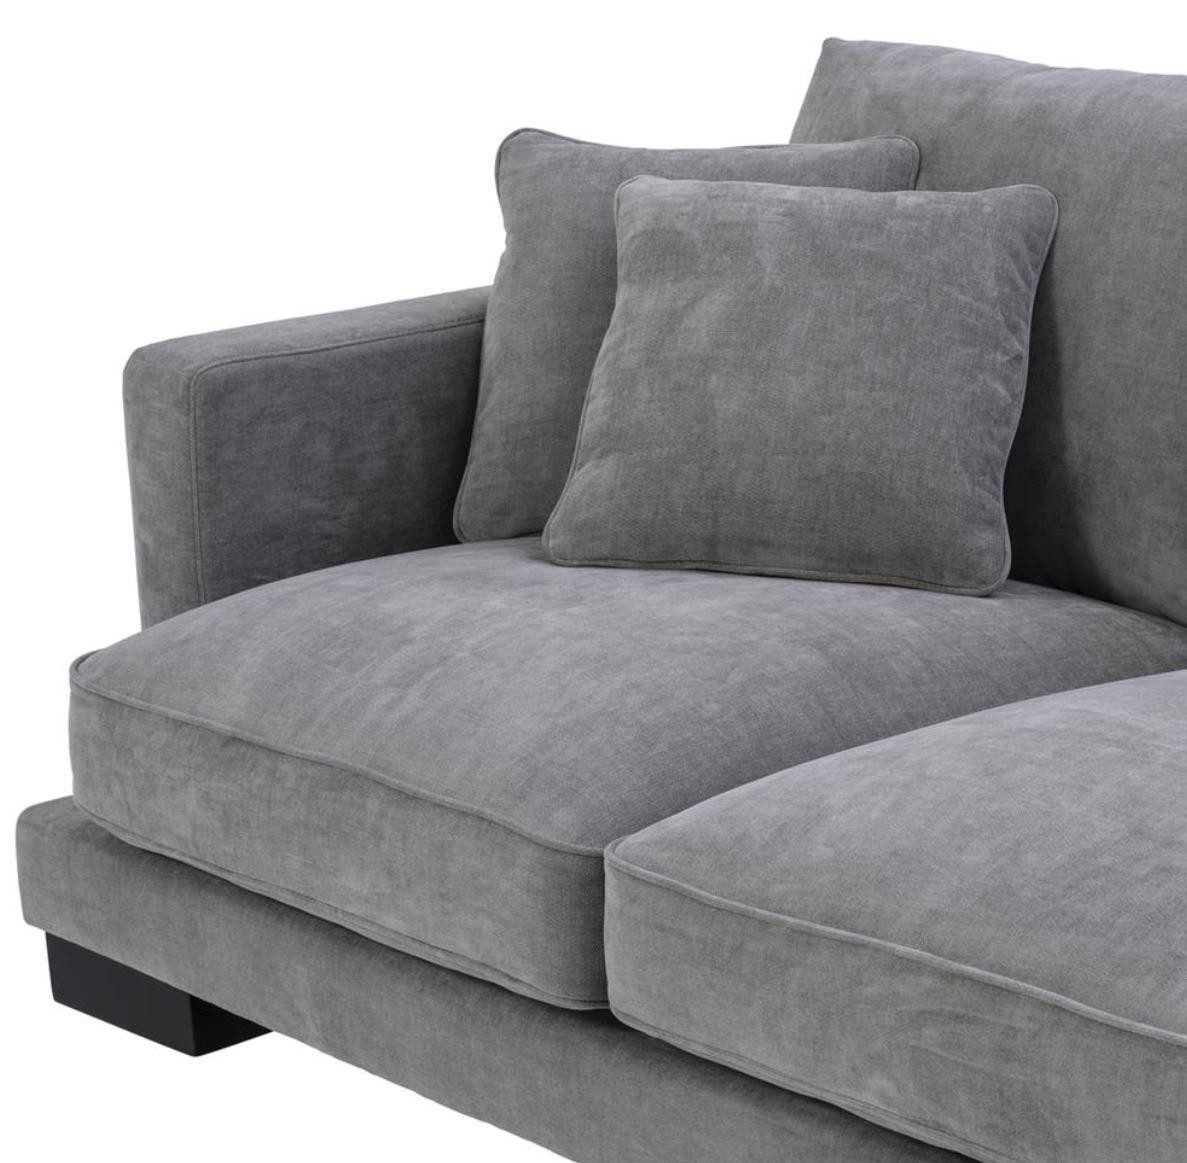 ... Casa Padrino Luxus Wohnzimmer Sofa Grau / Schwarz 284 X 110 X H. 85 Cm